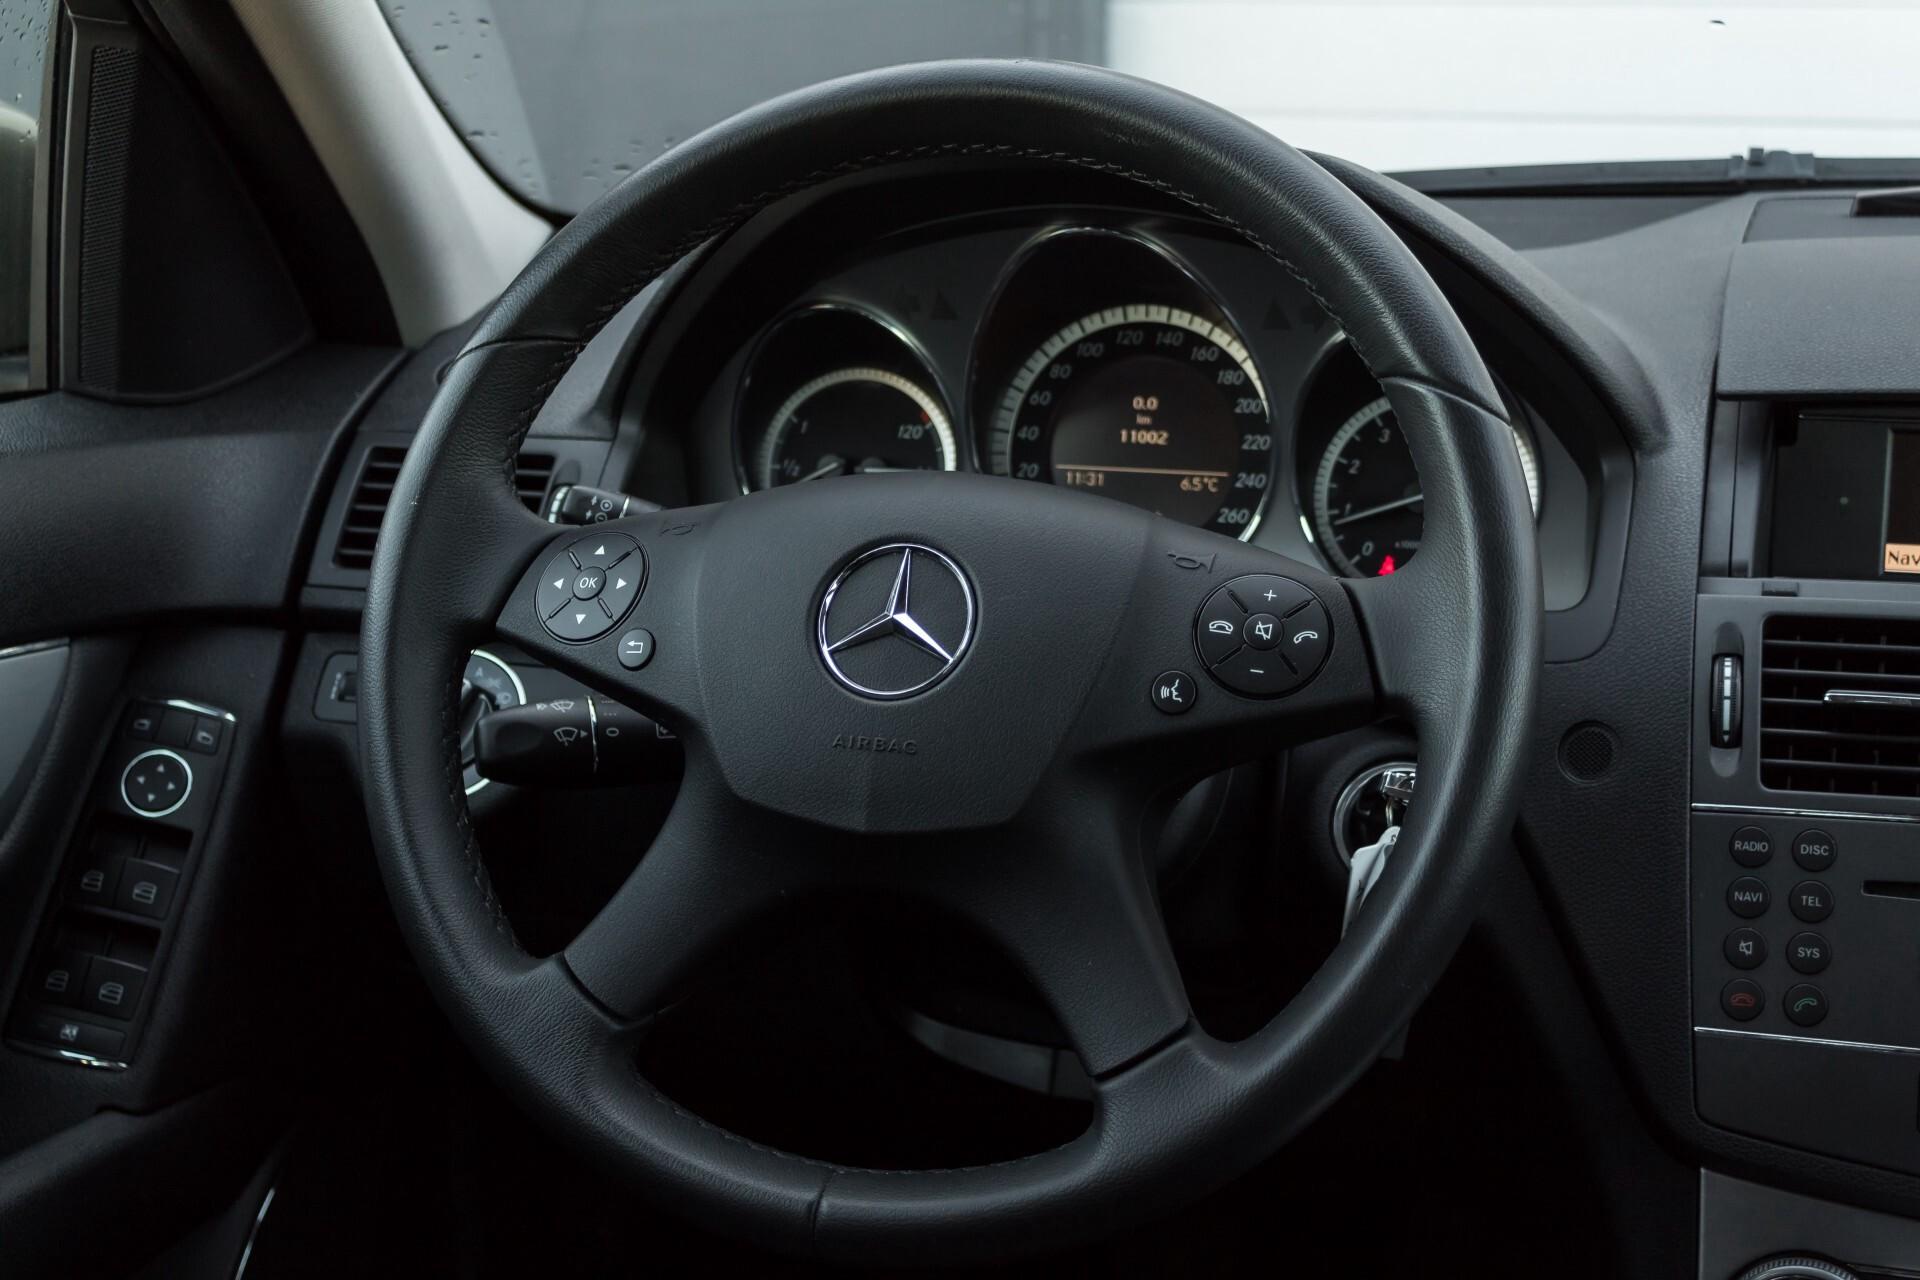 Mercedes-Benz C-Klasse 180 K Avantgarde 1ste eigenaar/NL geleverd/Dealer onderhouden/Volledig gedocumenteerd Foto 8